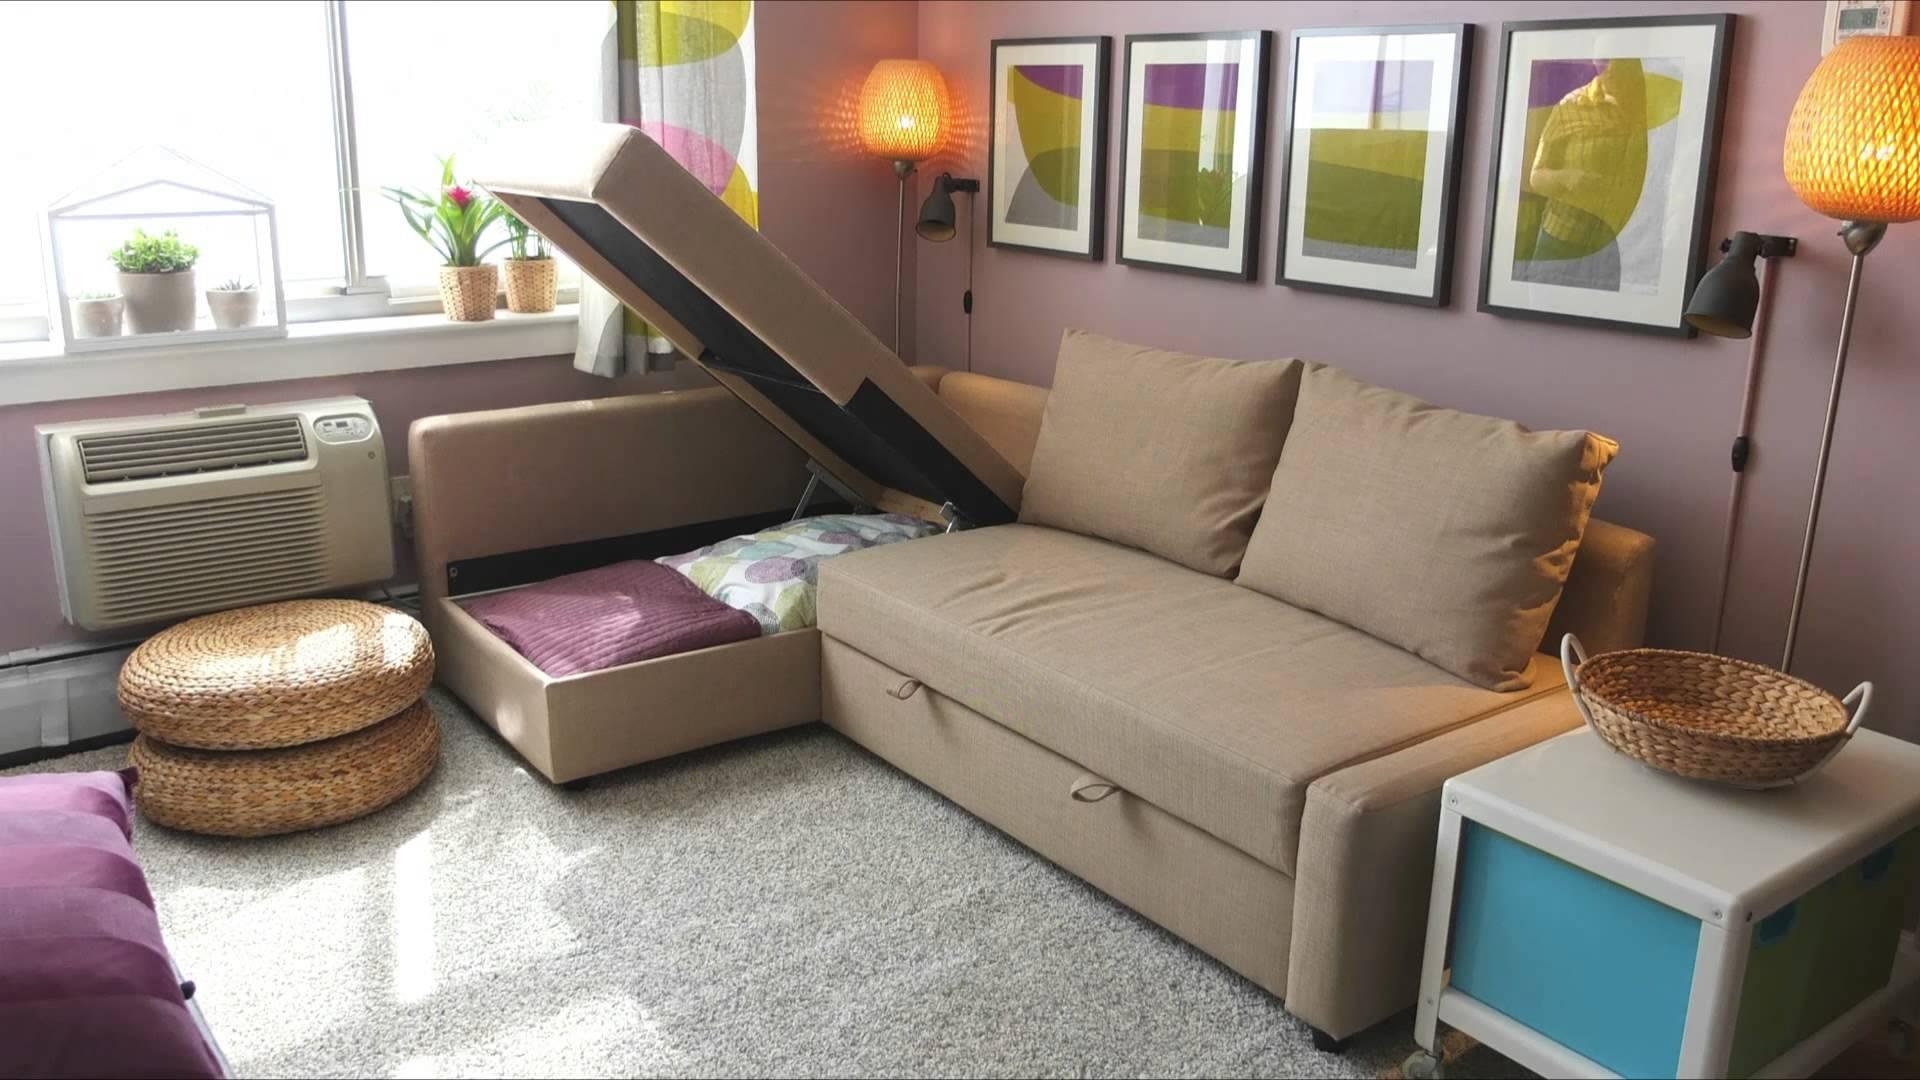 Friheten Ikea Avis Meilleur De Photos Chaise Salon Ikea Unique Friheten sofa Bed Ikea Home tour